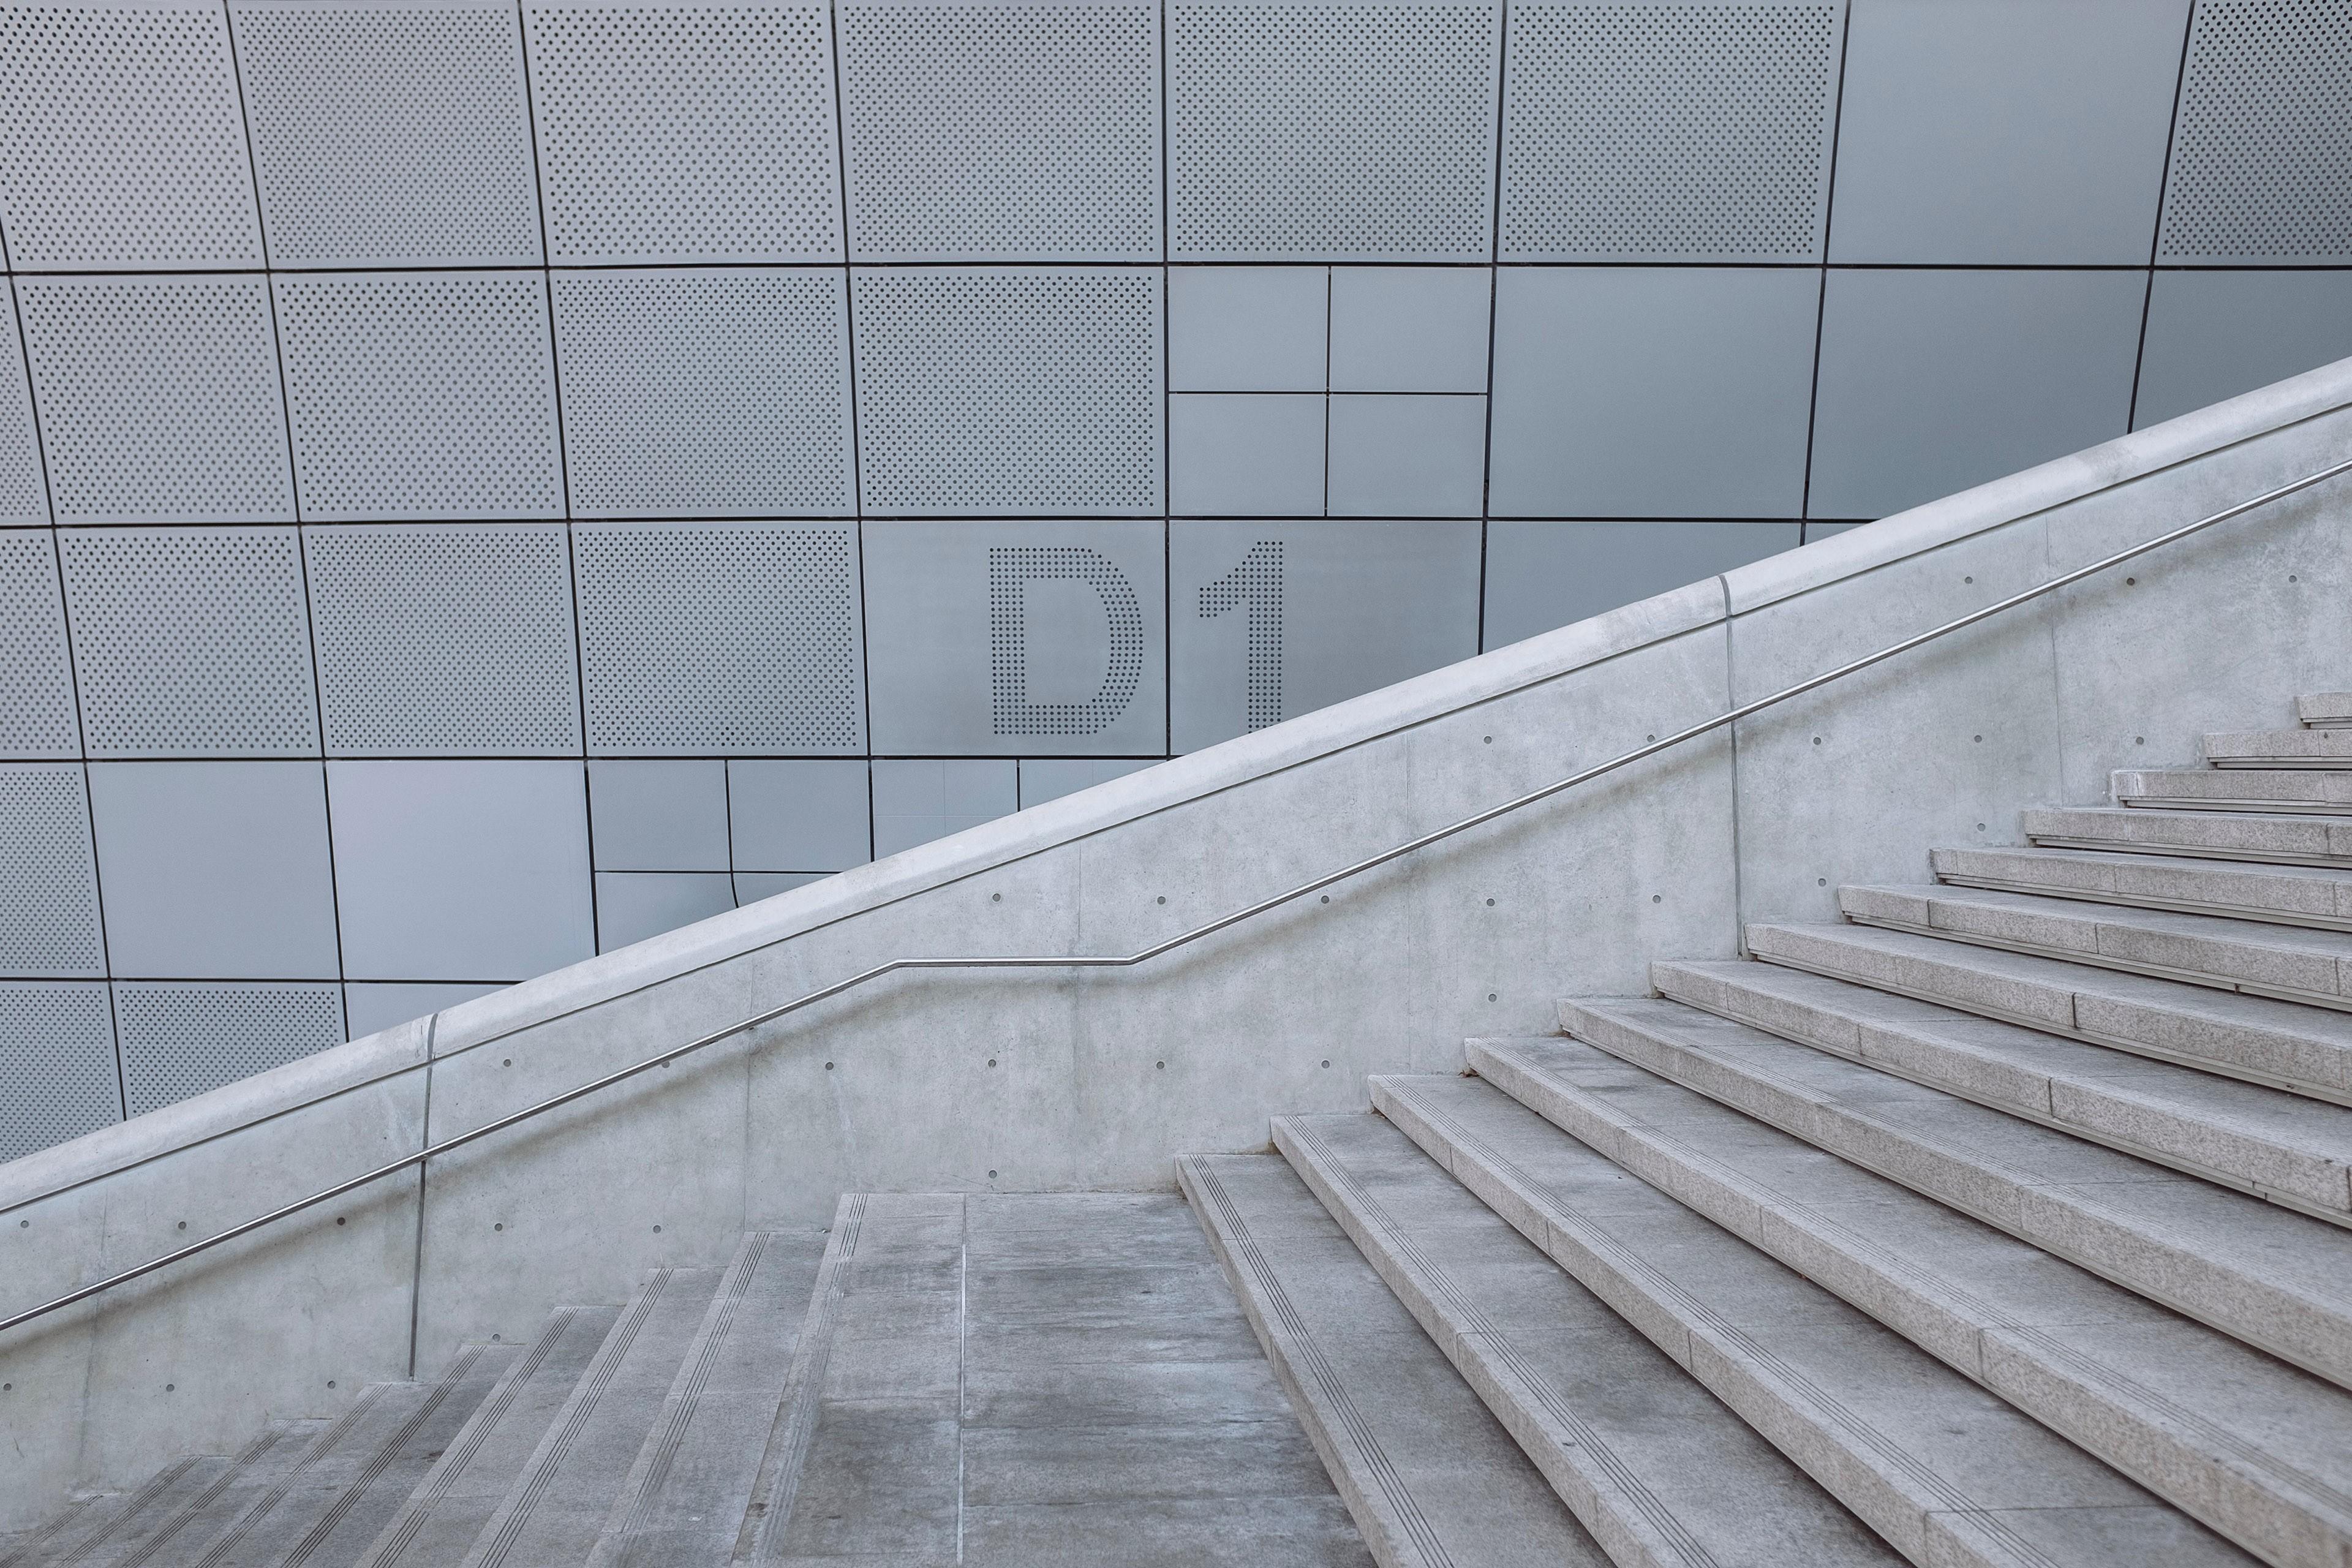 Holz Stehlen hintergrundbilder die architektur gebäude mauer fotografie